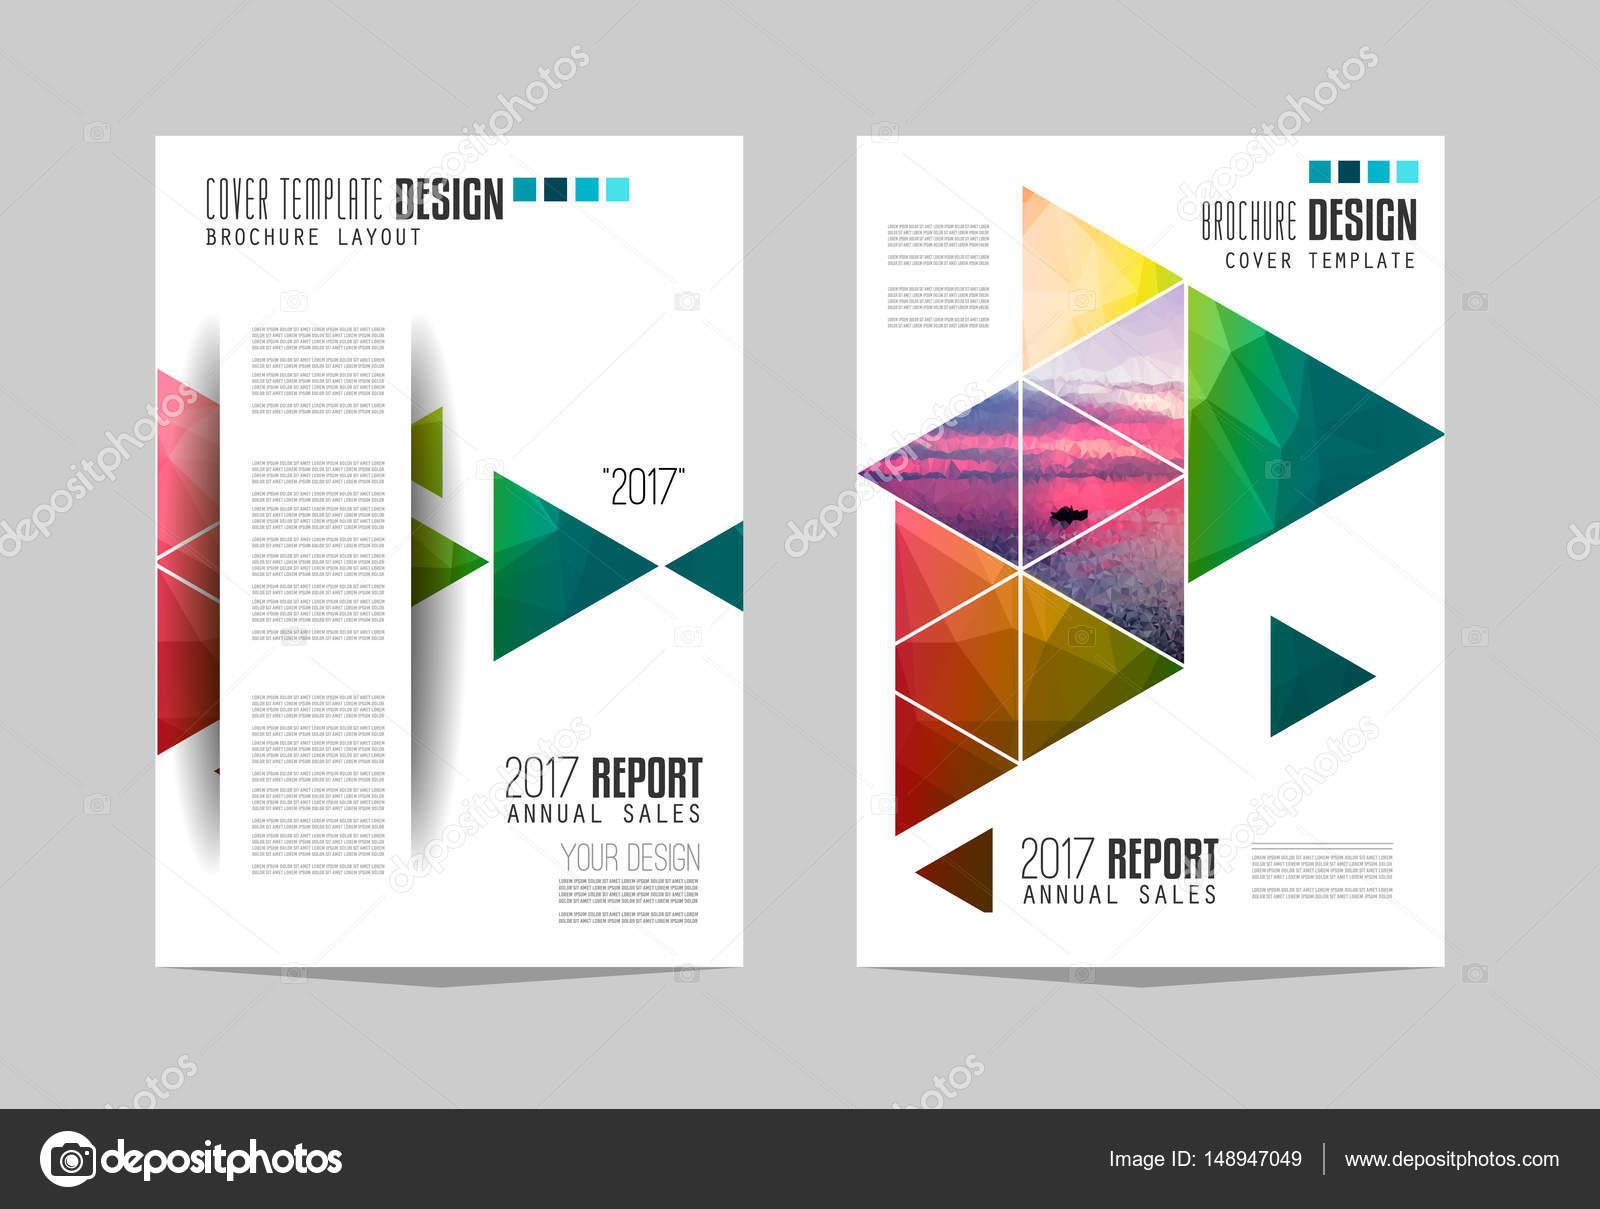 Broschüre Vorlagen, Flyer — Stockvektor © DavidArts #148947049